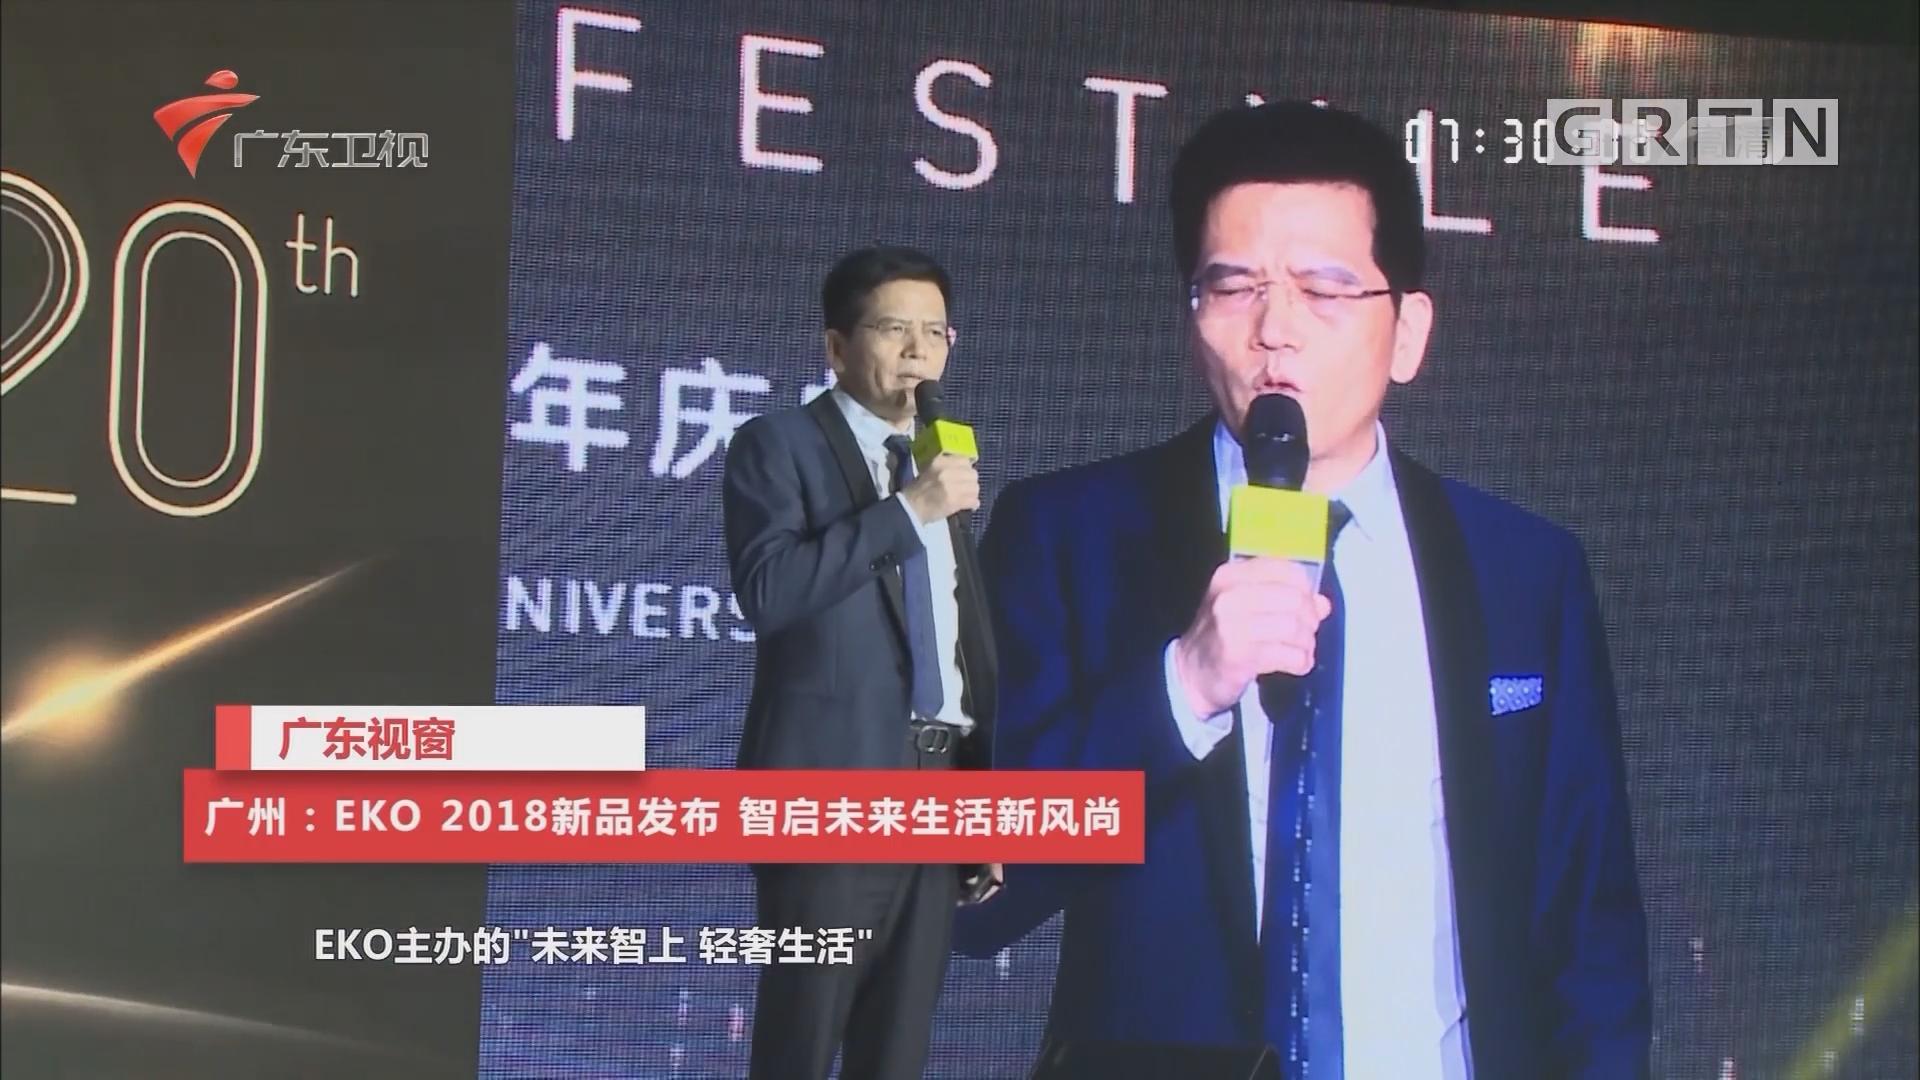 广州:EKO 2018新品发布 智启未来生活新风尚